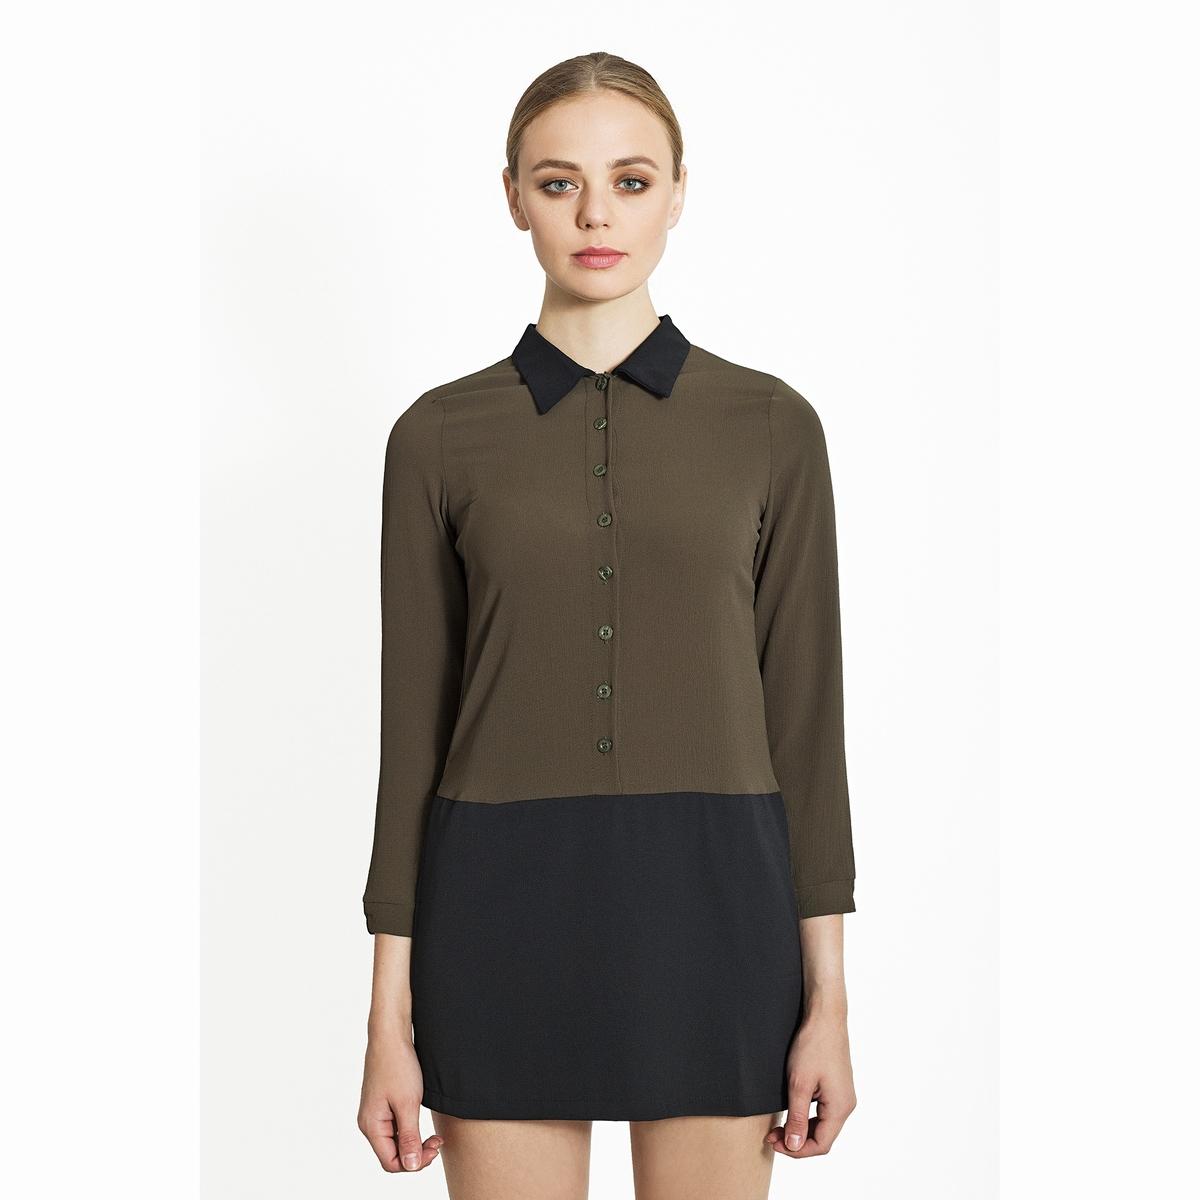 Комбинезон, рубашка и юбка-шортыКомбинезон, рубашка и юбка-шорты. Высокий контрастный воротник рубашечного типа, длинные рукава, застёжка на пуговицы спереди. Нижняя часть в виде юбки-шортов. Состав и описаниеМатериалы : 100% полиэстер.Марка : Migle+MeУходСледуйте рекомендациям по уходу, указанным на этикетке изделия.<br><br>Цвет: черный/ хаки<br>Размер: S